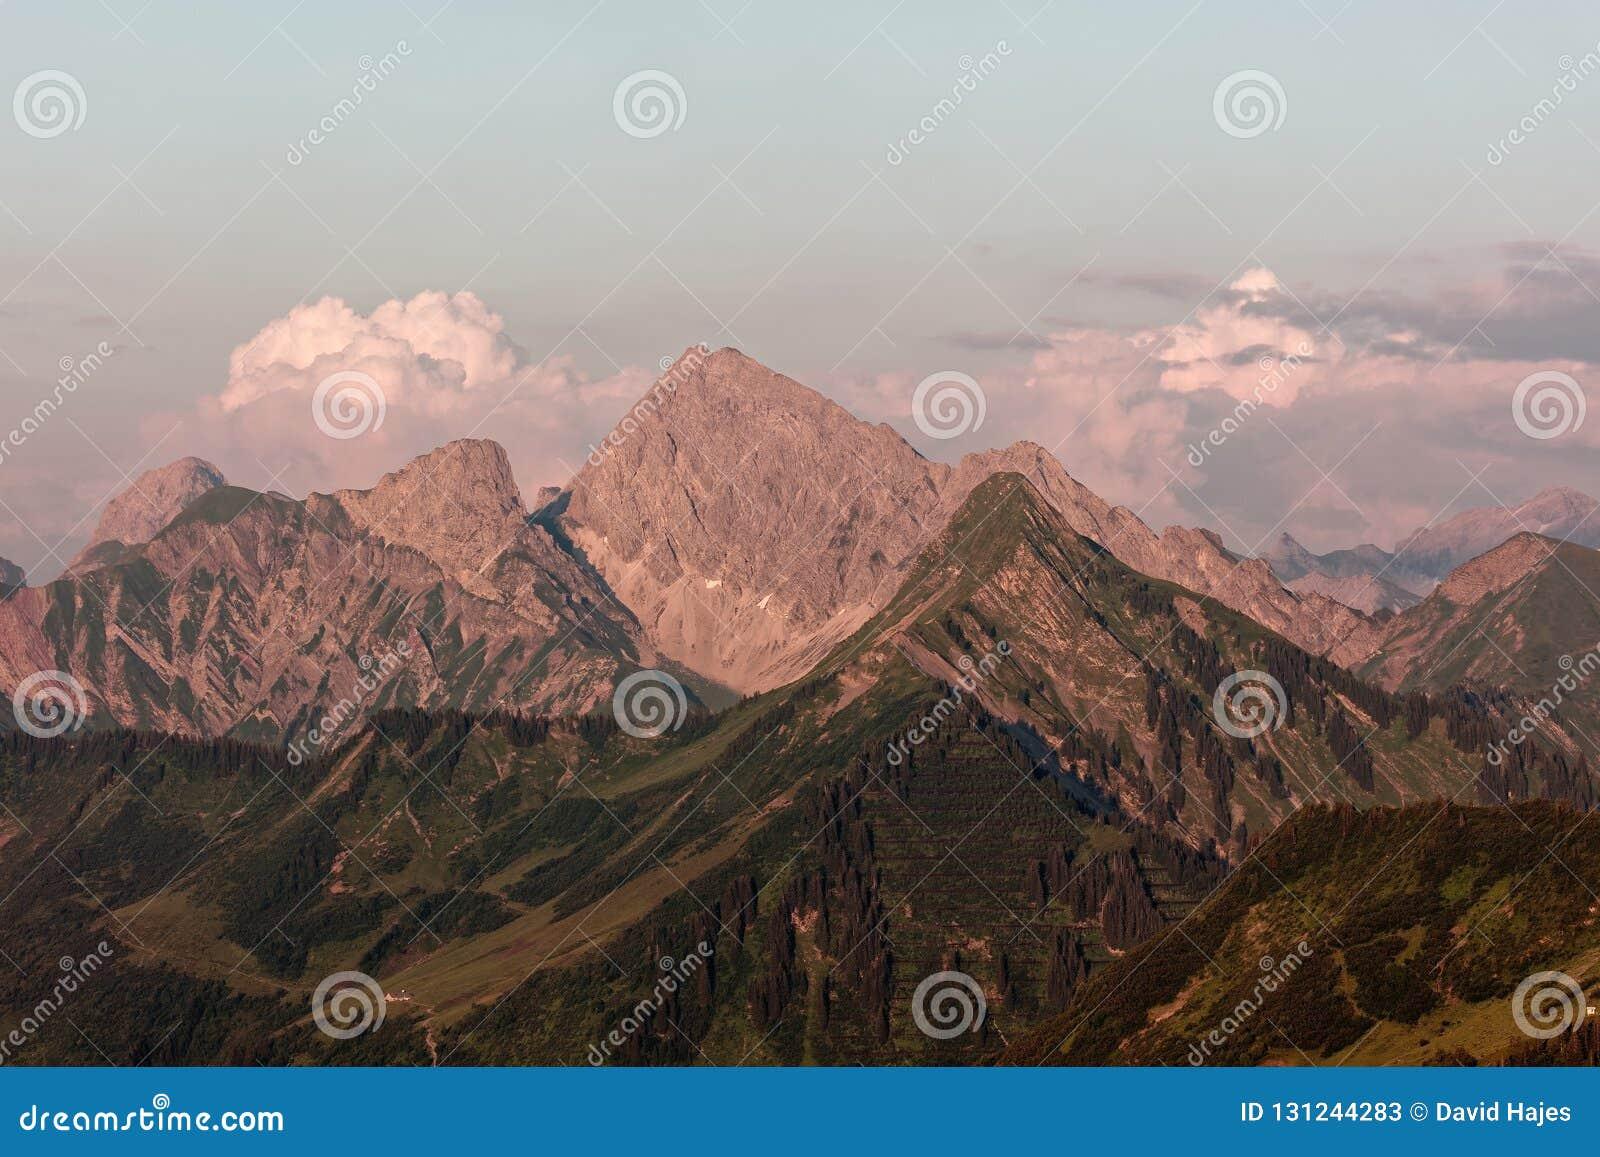 Passaggio di Furkajoch - viste di tramonto sopra le montagne di Bregenzerwald dal passaggio di Furkajoch